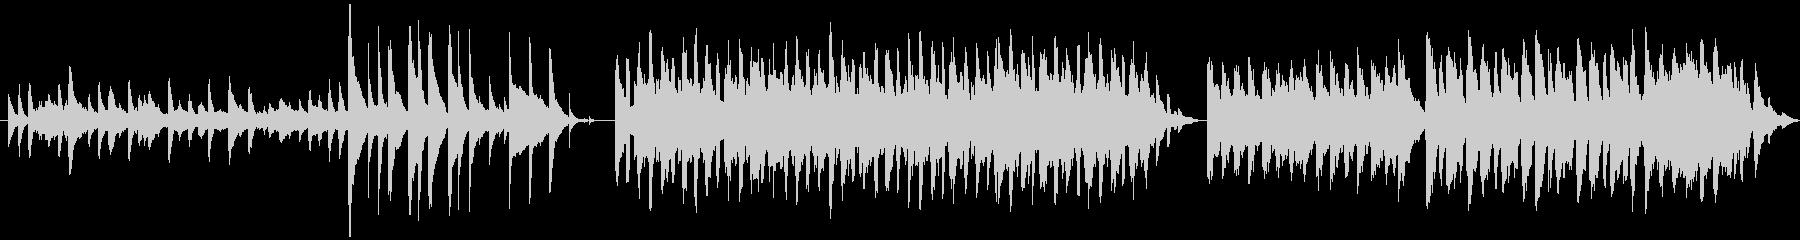 福袋「NATURE」の未再生の波形